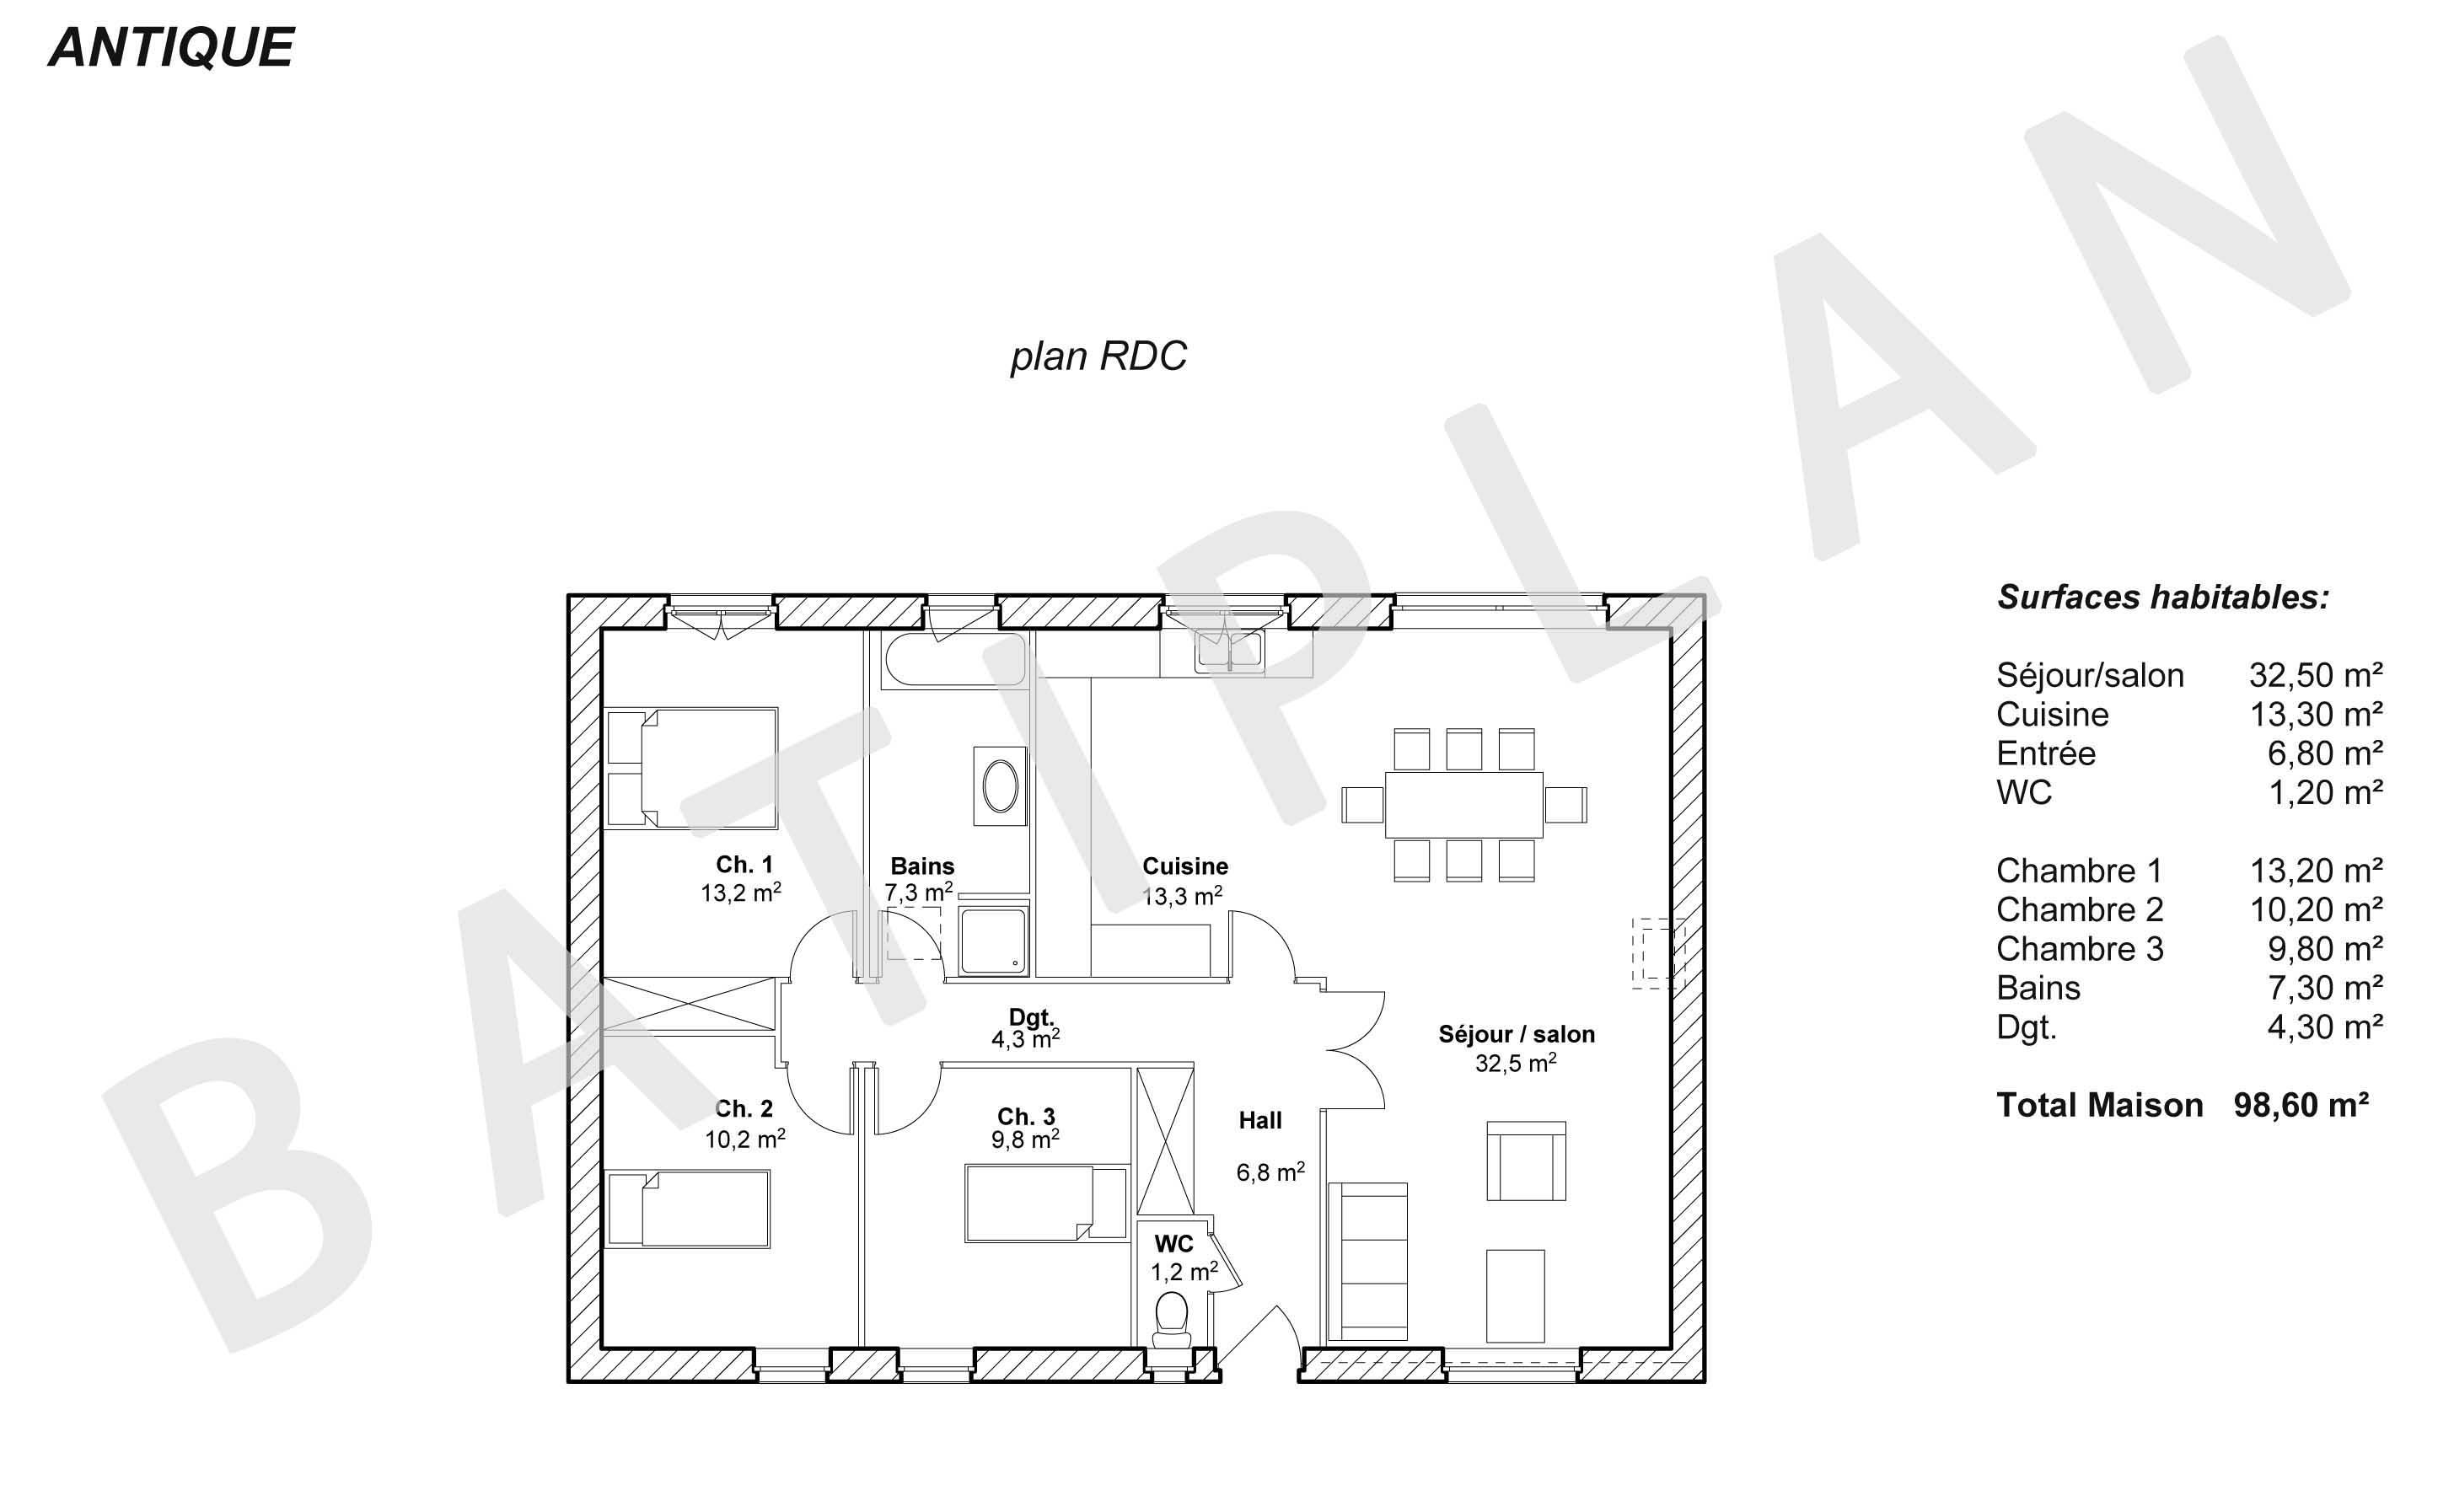 Plans et permis de construire notre plan de maison antique for Modele de maison a construire gratuit